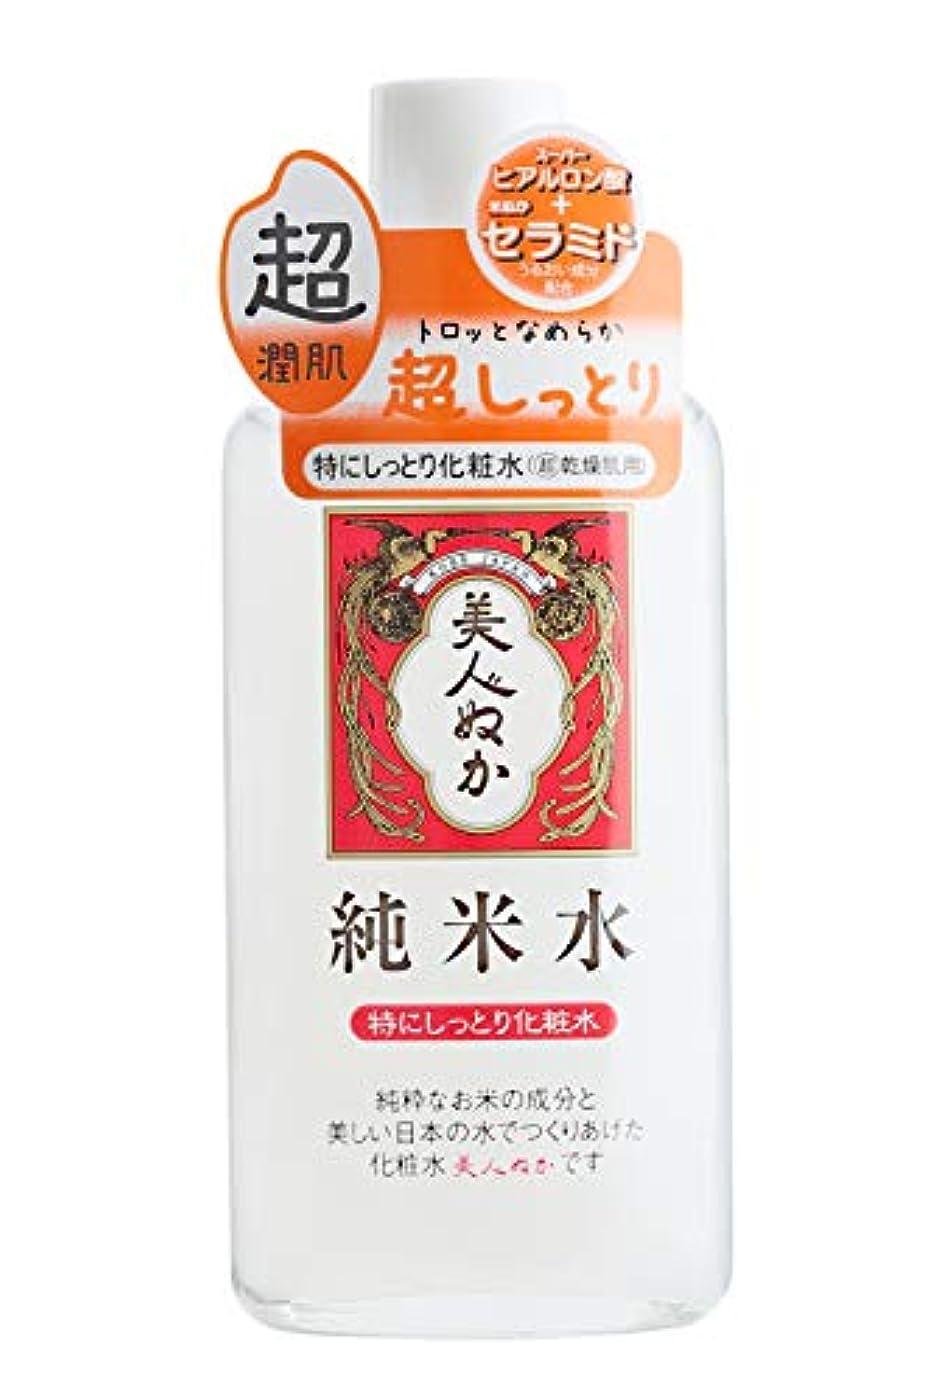 グリース透過性信頼性のある美人ぬか 純米水特にしっとり化粧水 130ml